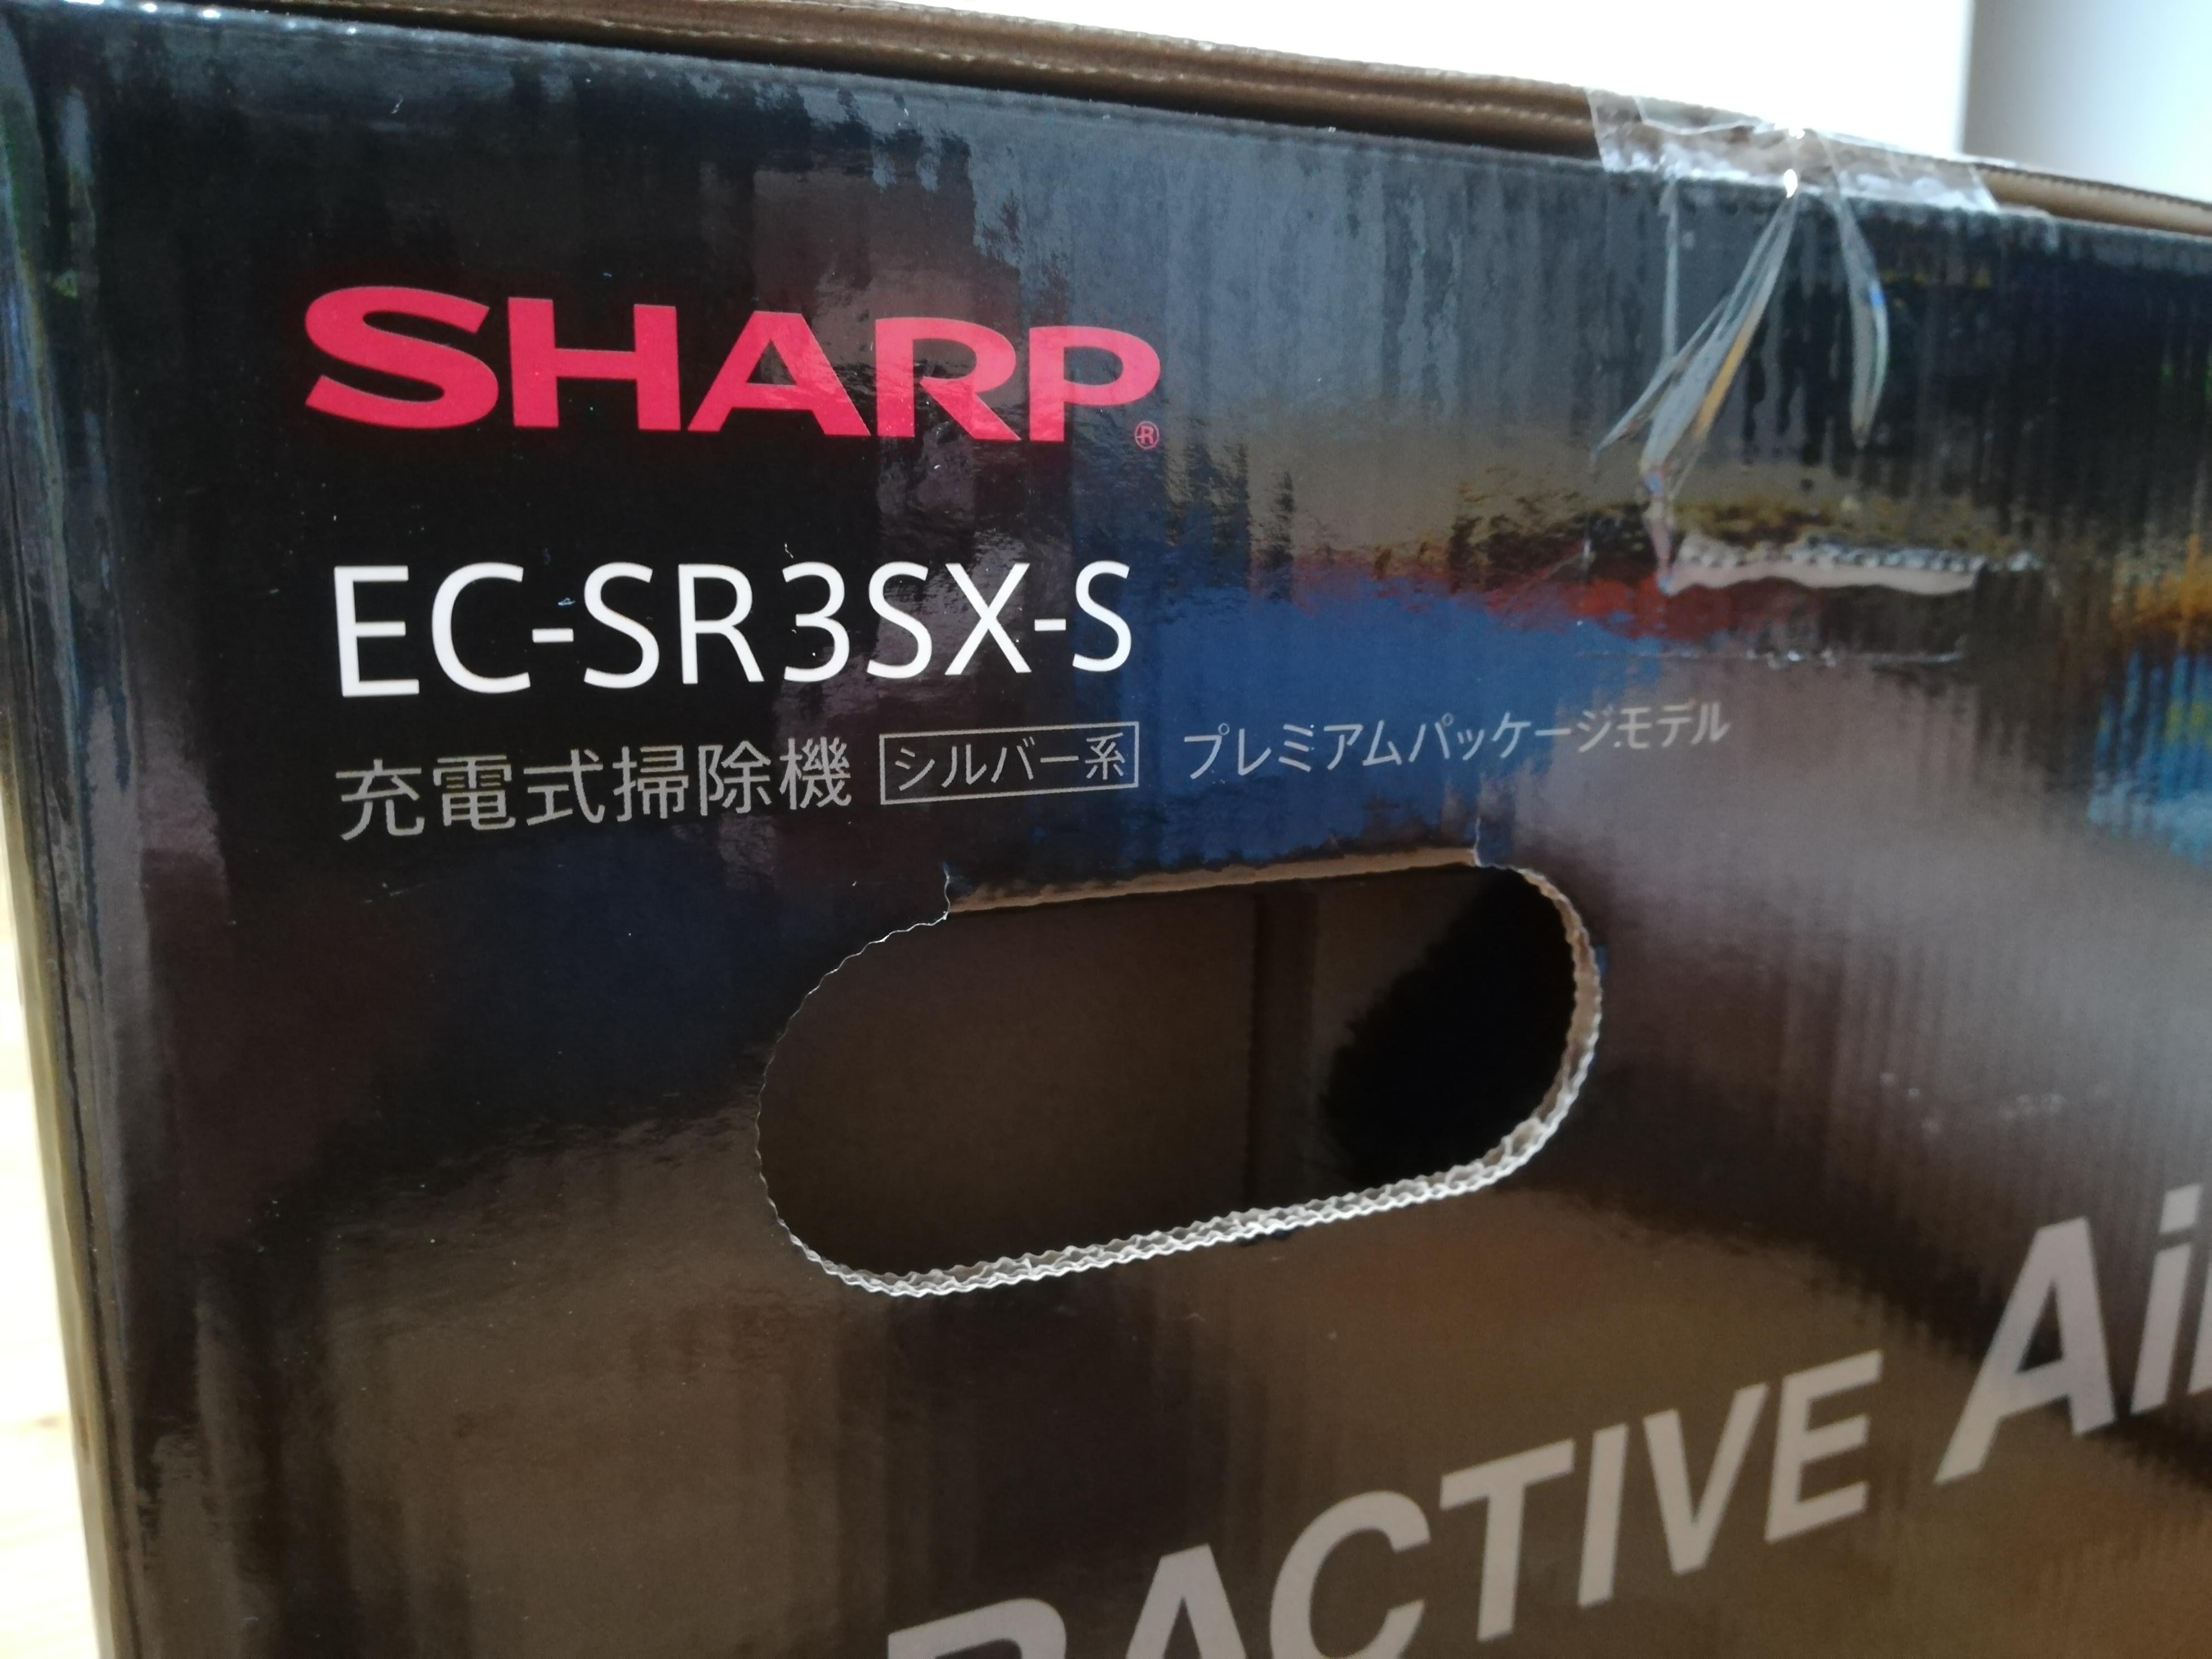 RACTIVE Air POWER 梱包箱